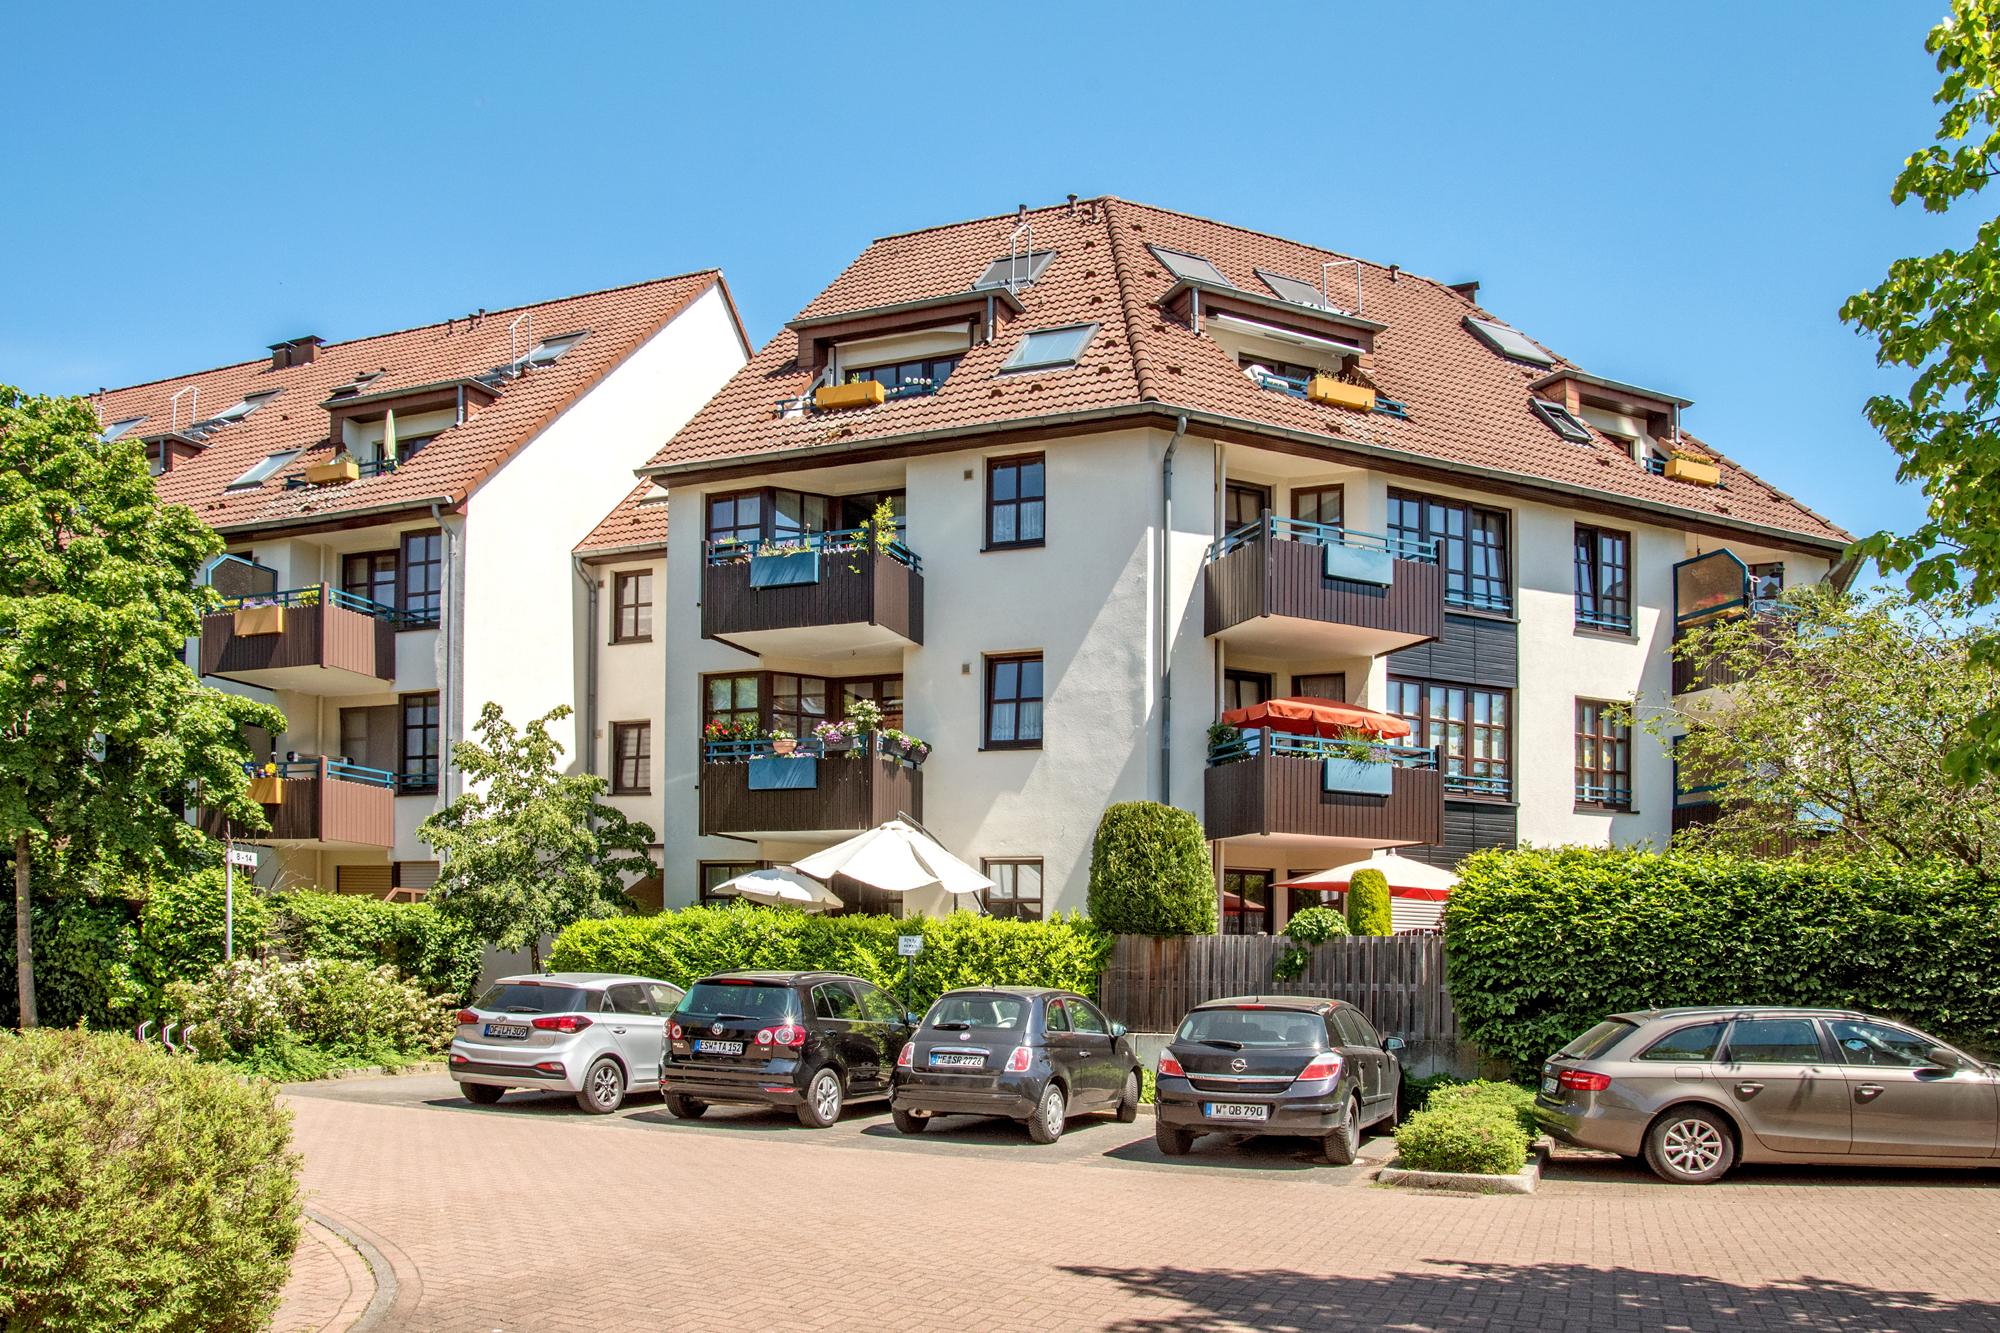 77 m² Eigentumswohung in 40723 Hilden: Bieterverfahren startet in Kürze